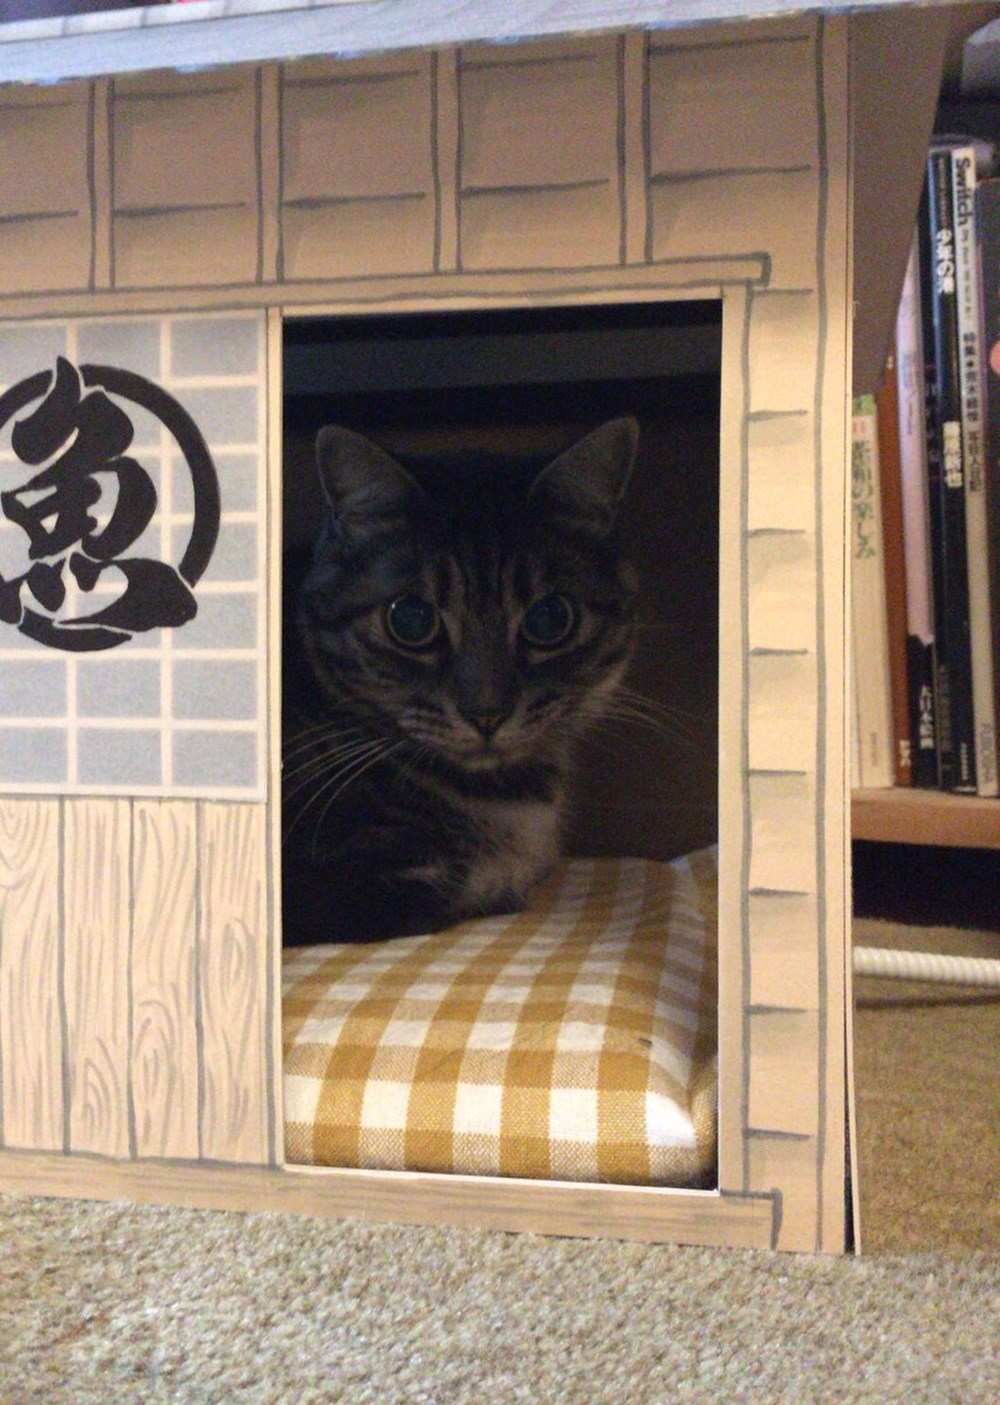 【持ち家だニャン♪】 ご主人が愛猫のために作った猫ハウスが超絶クオリティー